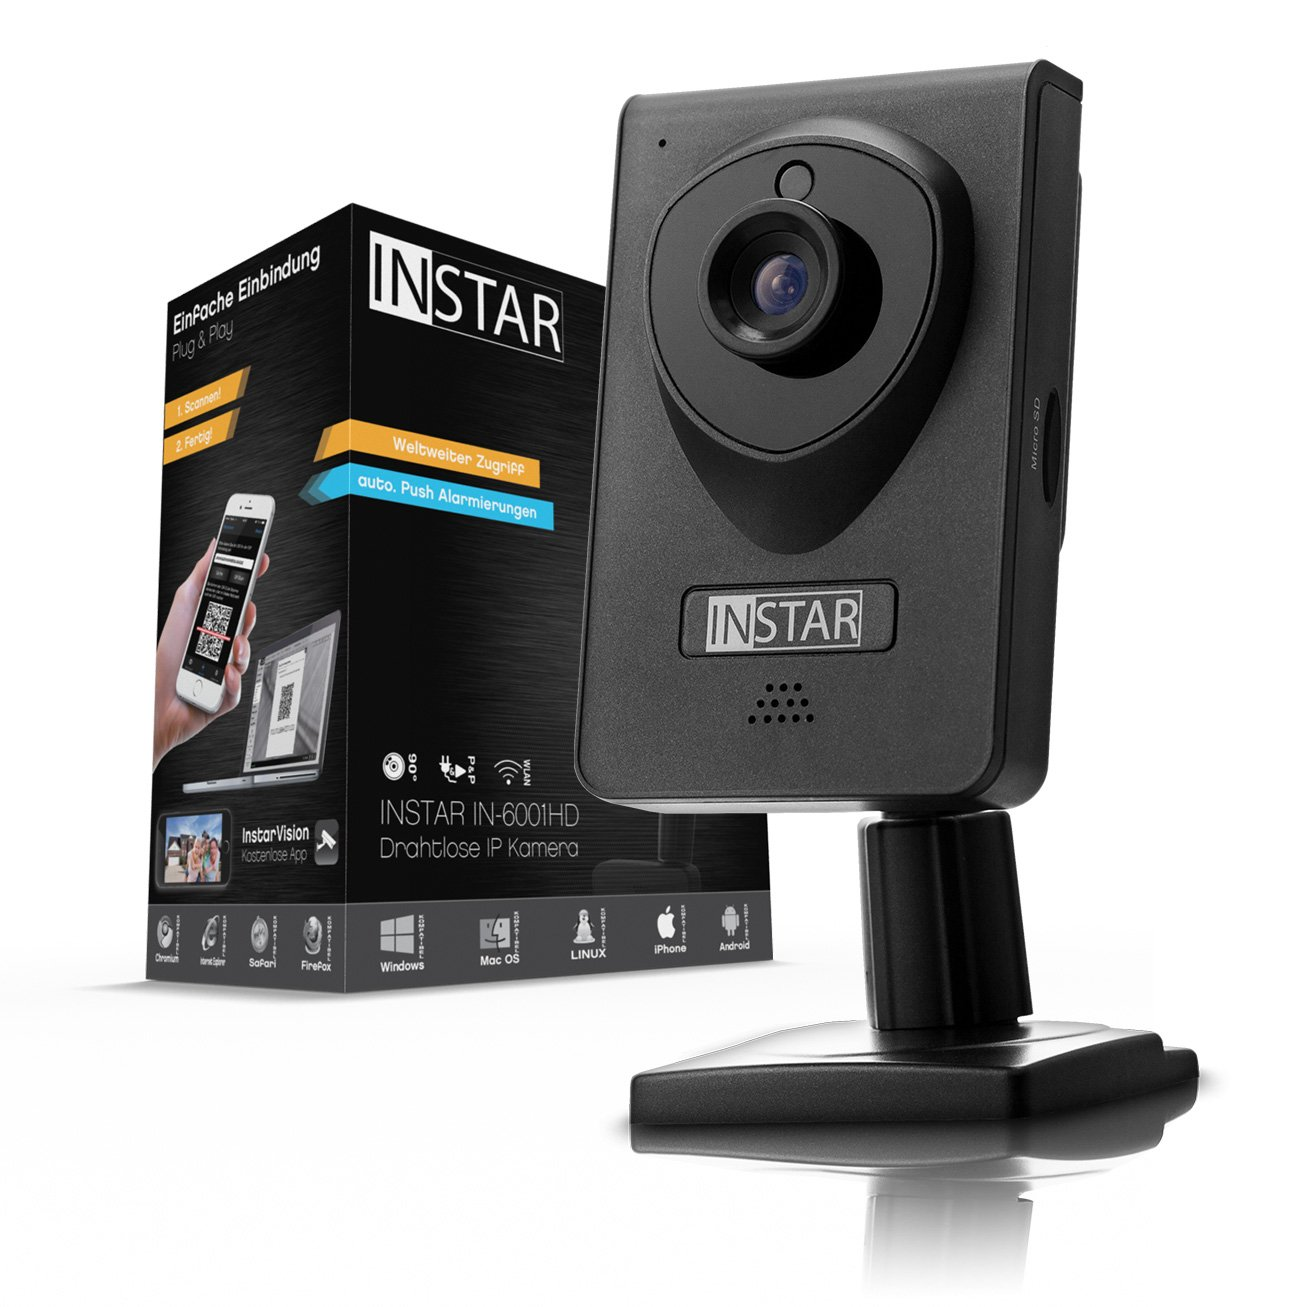 INSTAR IN-6001HD HD IP Kamera / Ü berwachungskamera / ipcam mit LAN / Wlan / Wifi zur Ü berwachung oder als Baby Kamera (4 IR LED Infrarot Nachtsicht, Weitwinkel, SD Karte, WDR, Bewegungserkennung, Aufnahme) weiss INSTAR Deutschland GmbH (Non Con